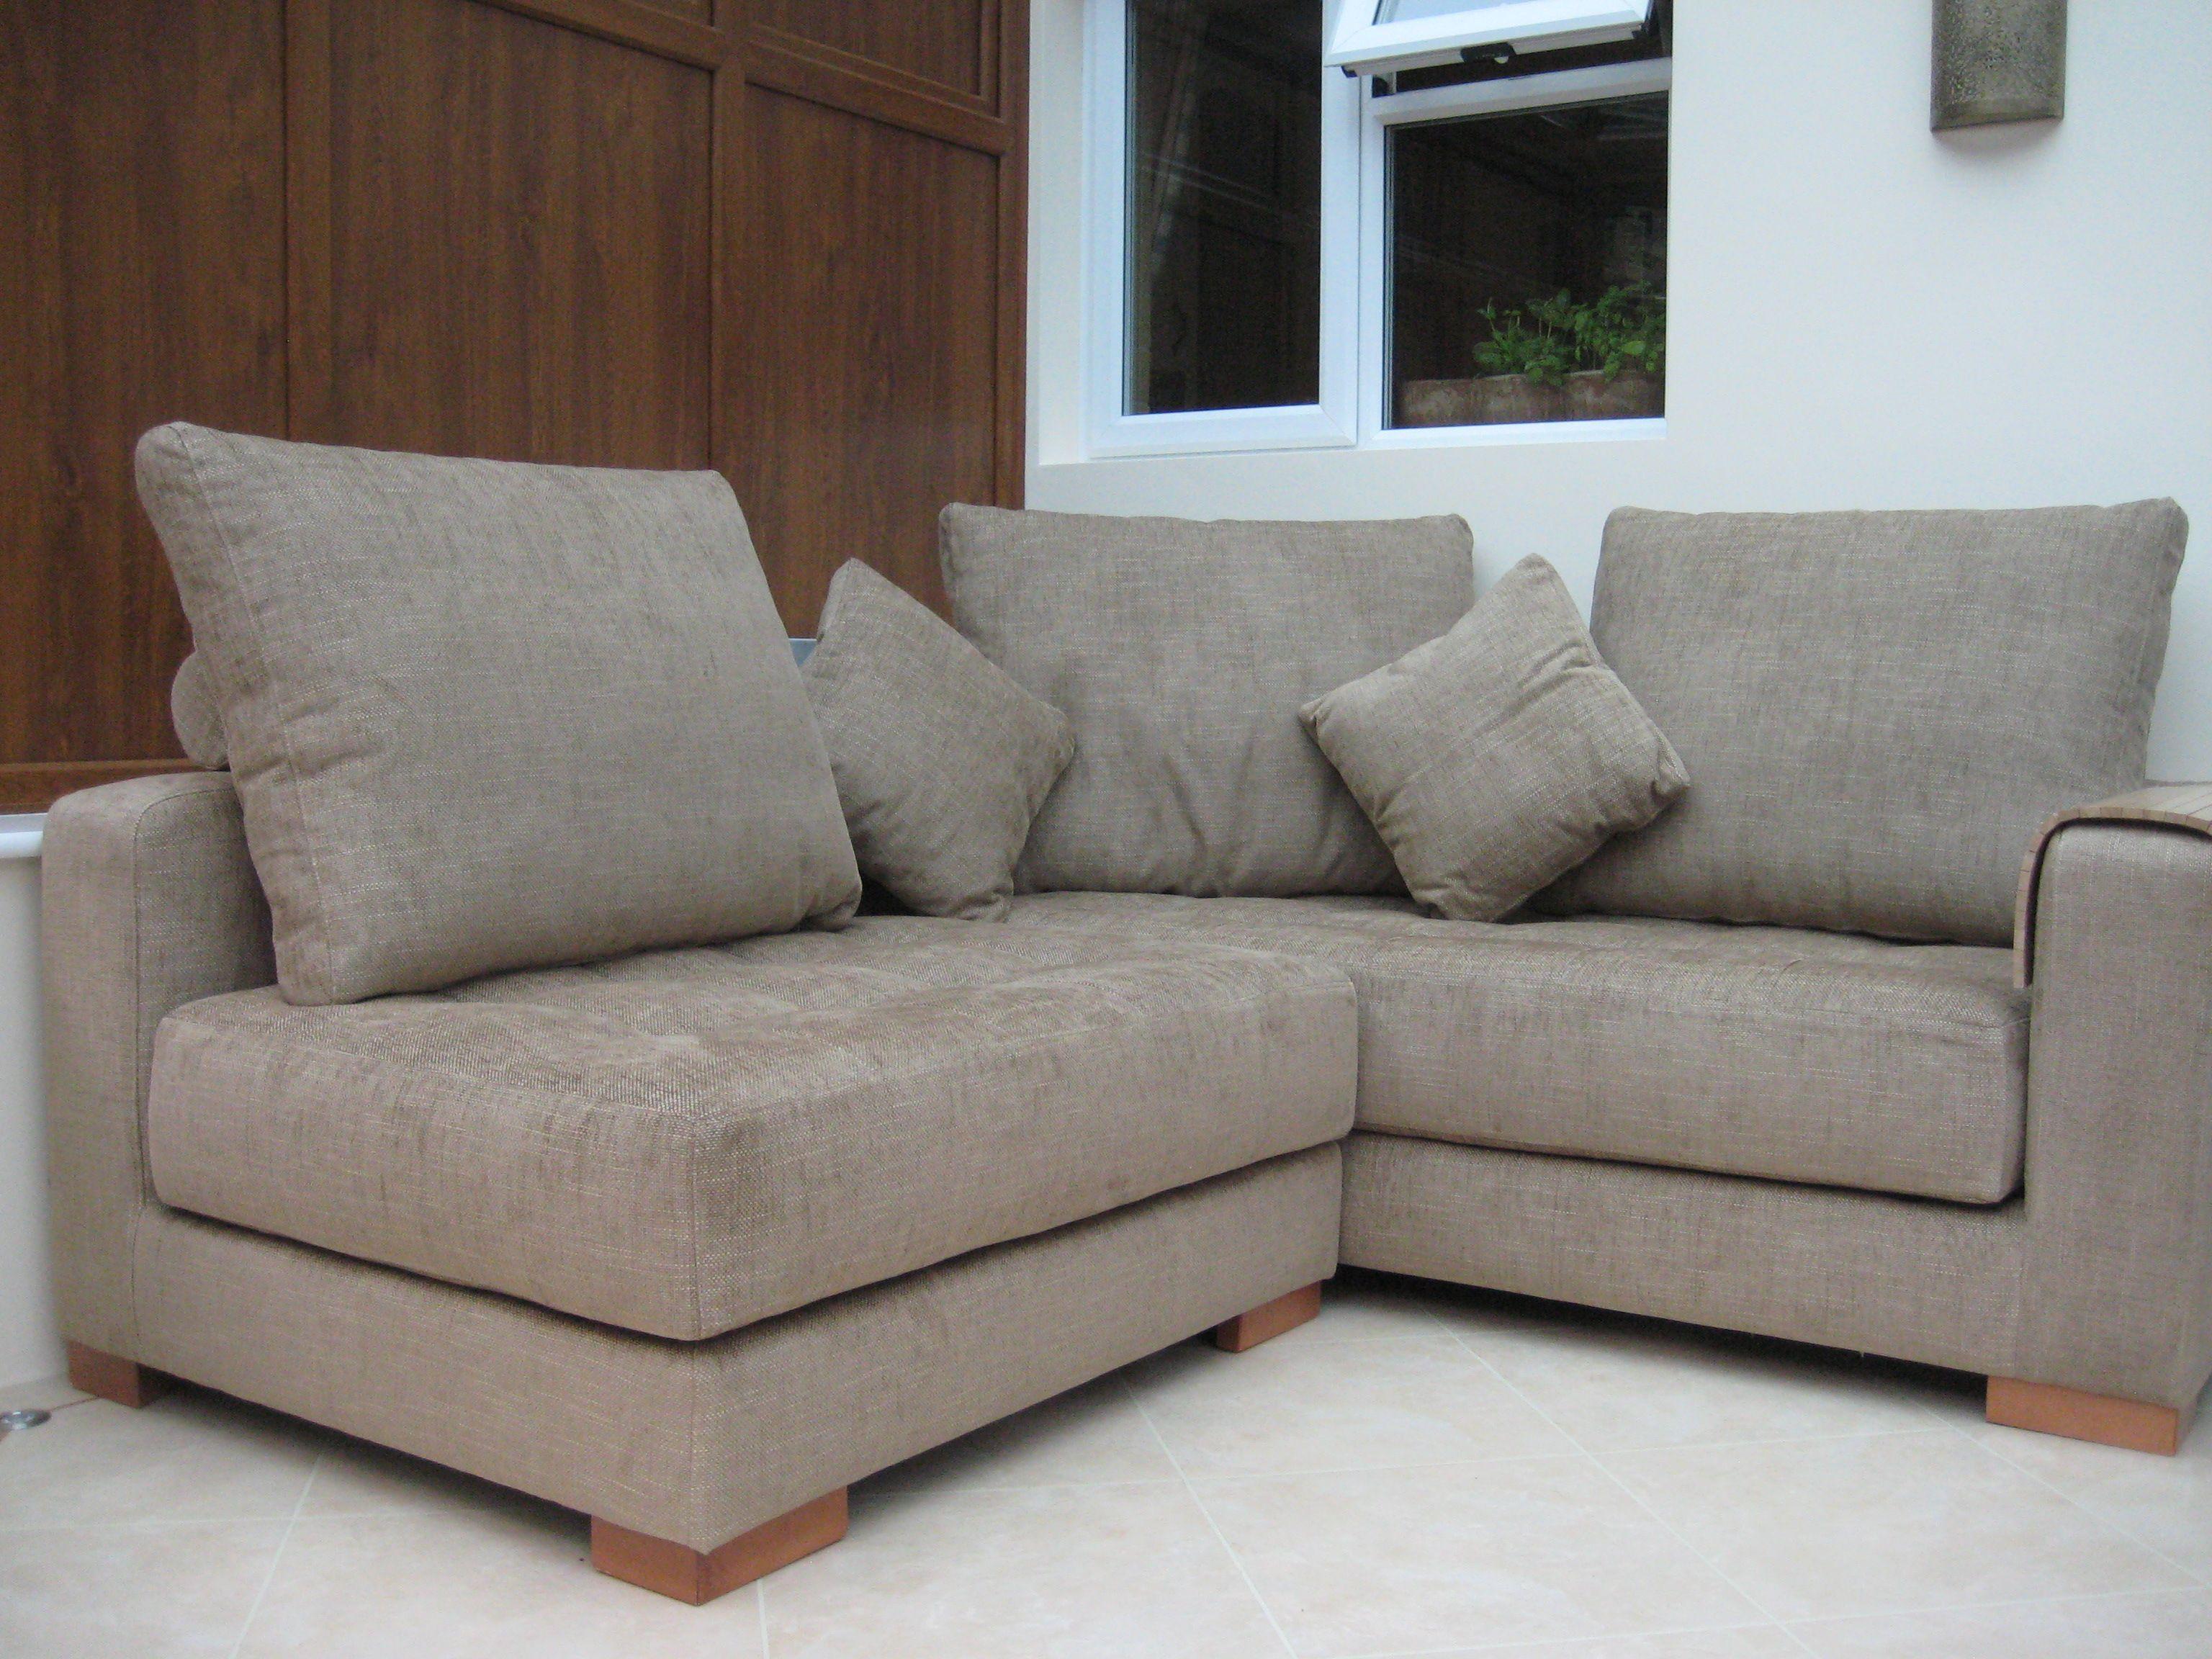 Sofa modules in Warwick Fabric Habitat II – balsa - with oak wood ...